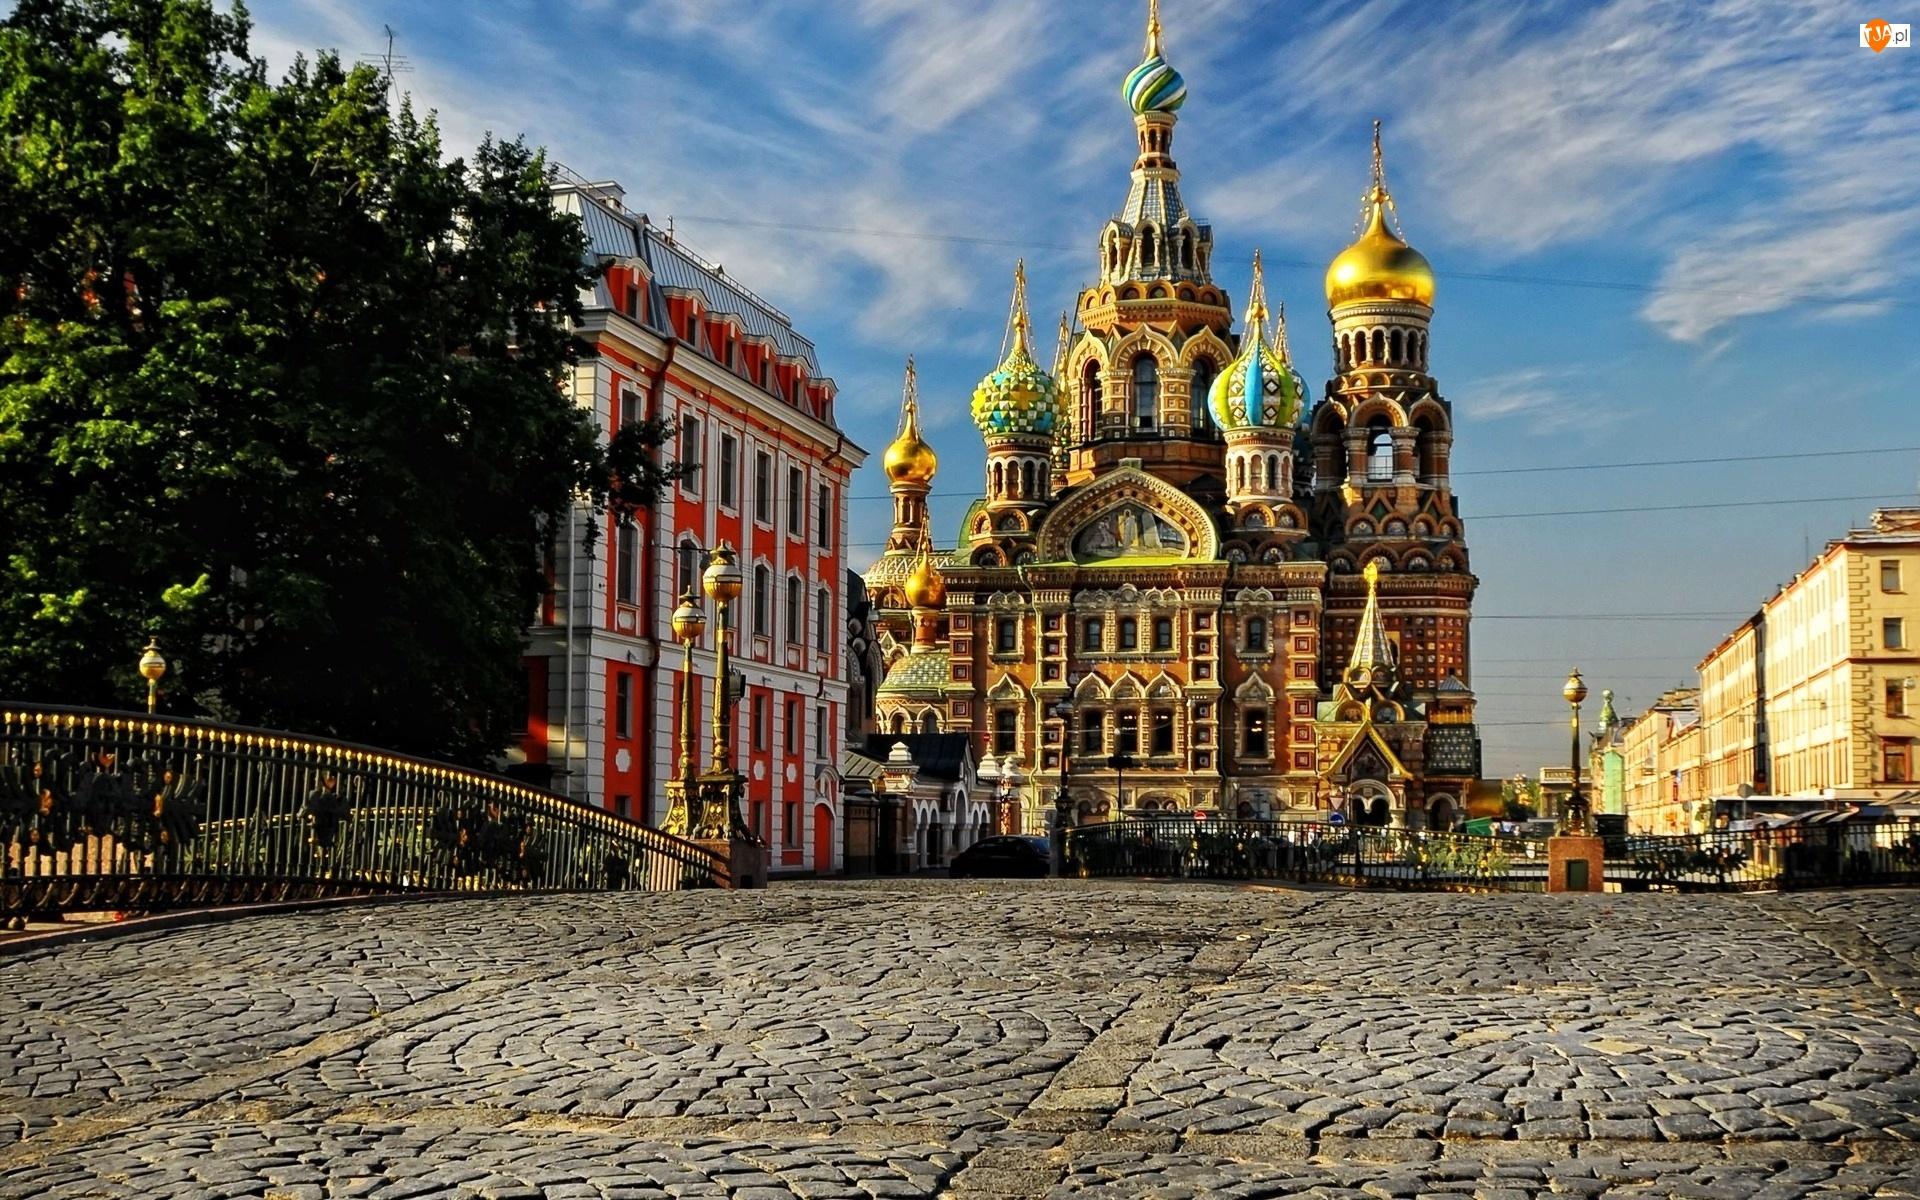 Cerkiew, Bruk, Sobór Zmartwychwstania Pańskiego, Petersburg